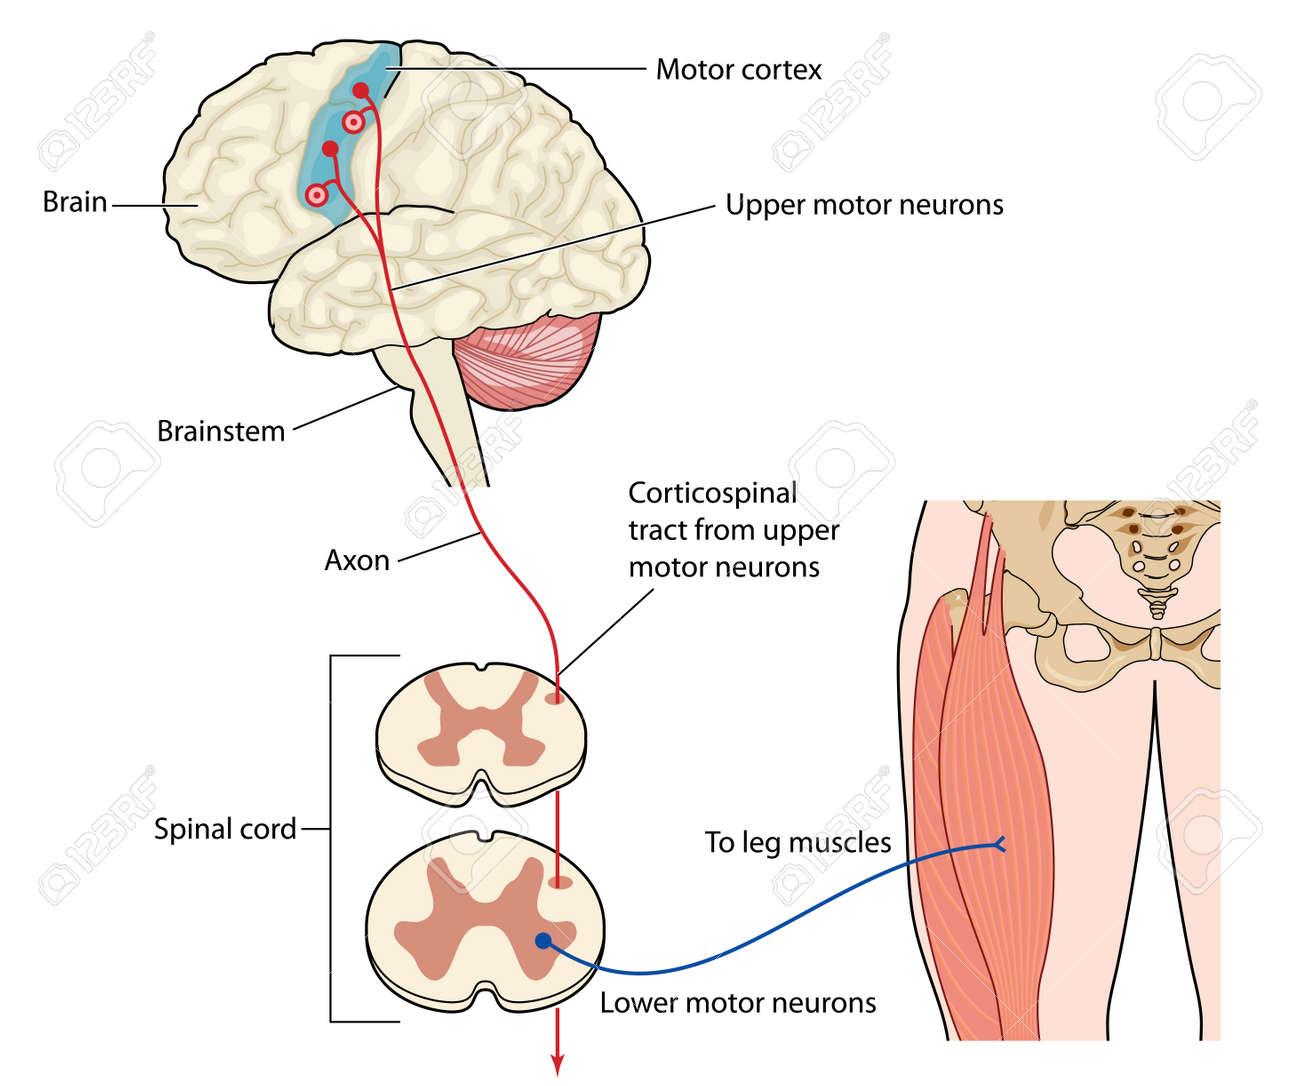 運動神経は、大脳皮質や脳に脊髄...